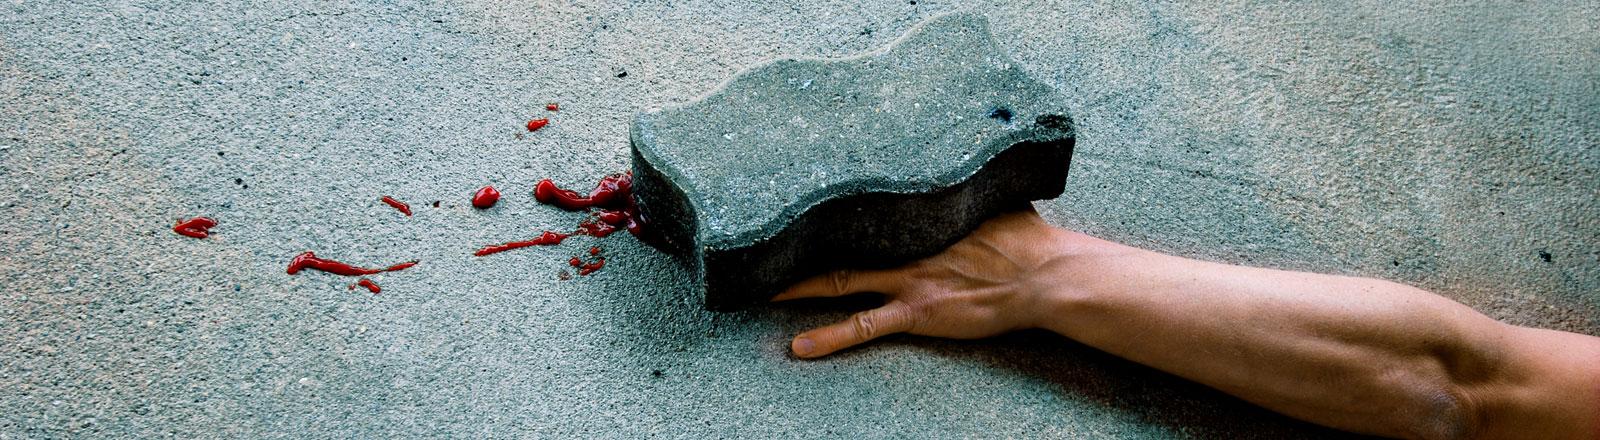 Ein Stein auf einer Hand. Die Hand ist blutig.